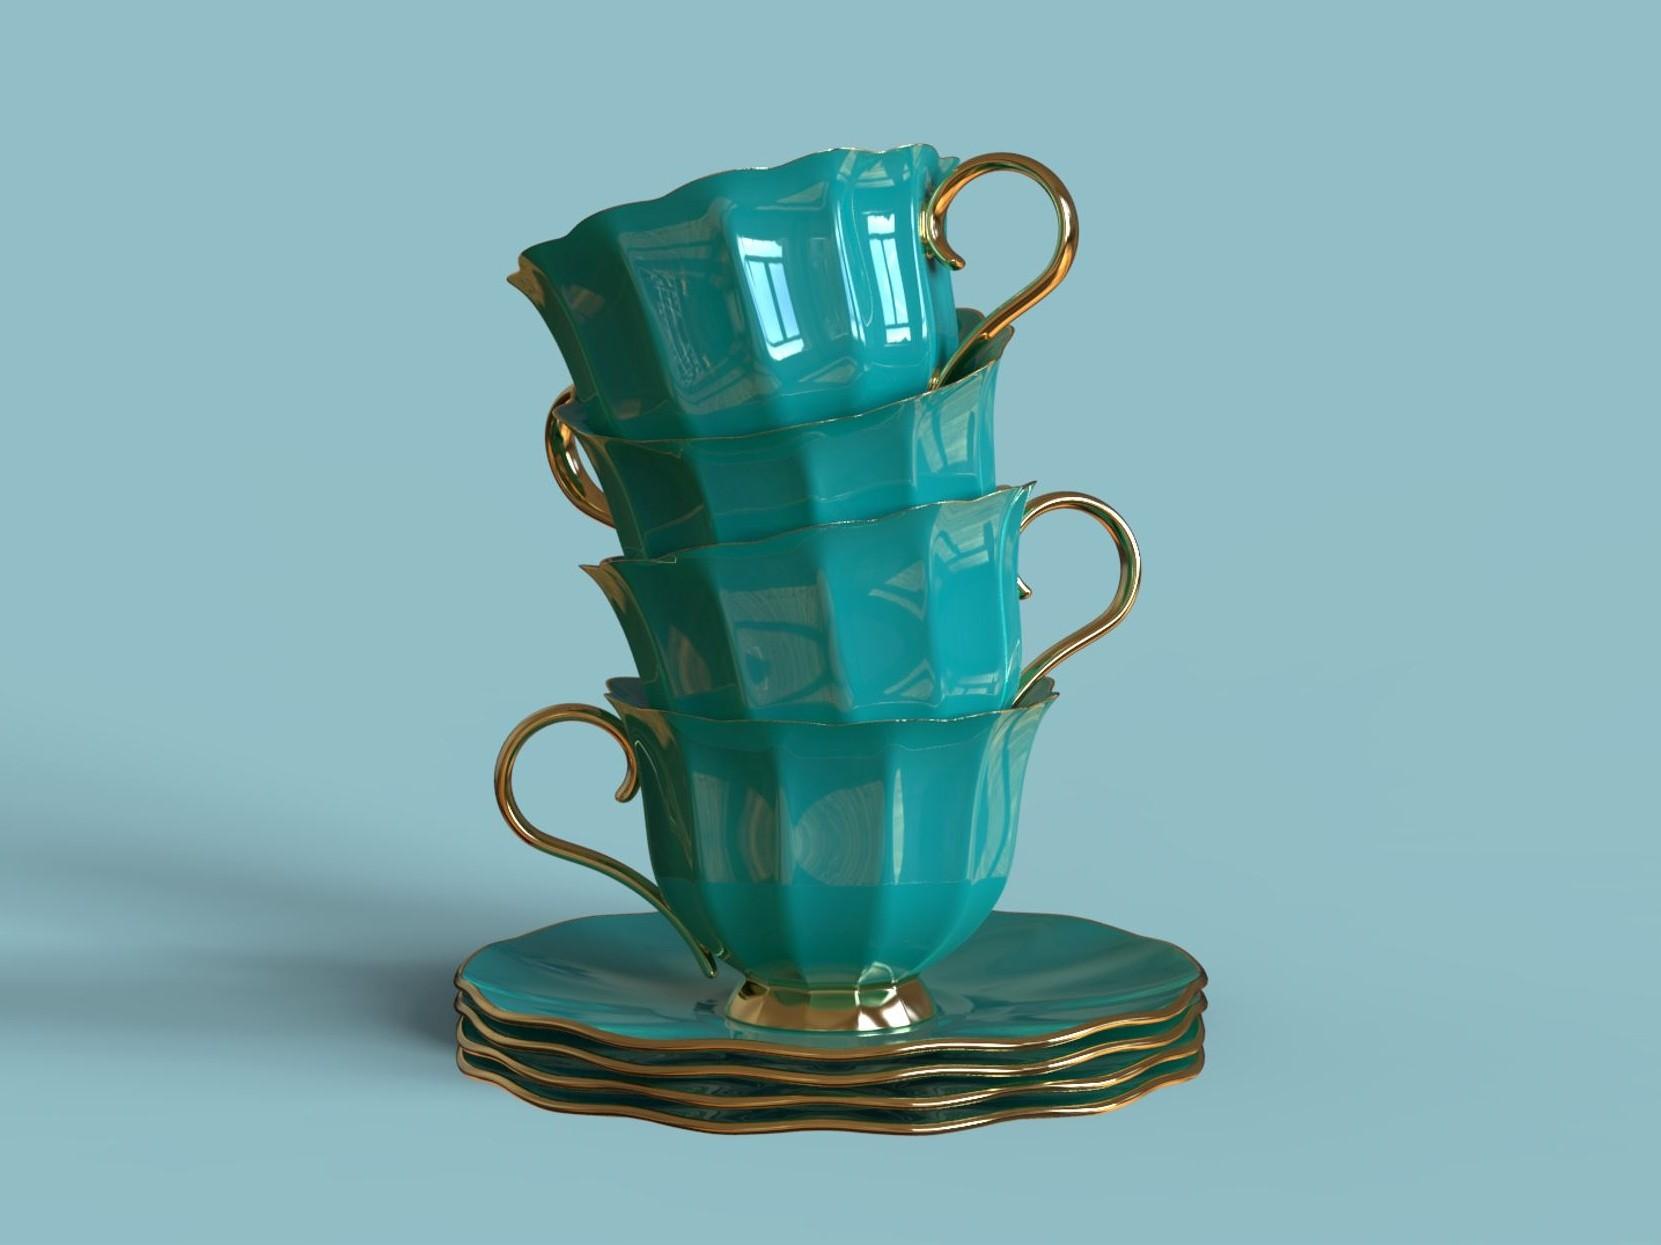 제품디자인 3D 모델링, 랜더링 저렴하게 해 드립니다.